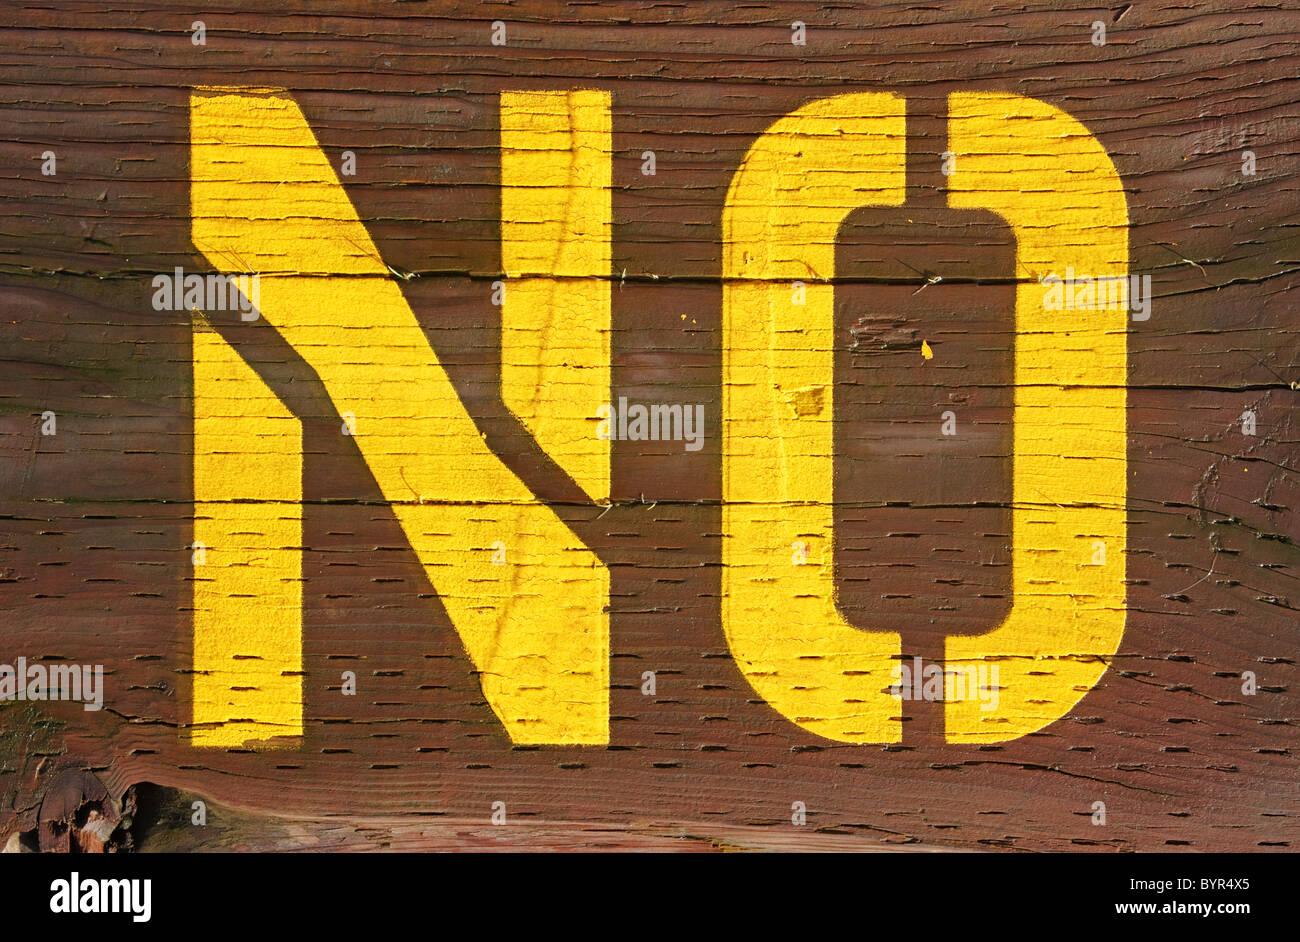 Ningún signo estarcida en madera Imagen De Stock